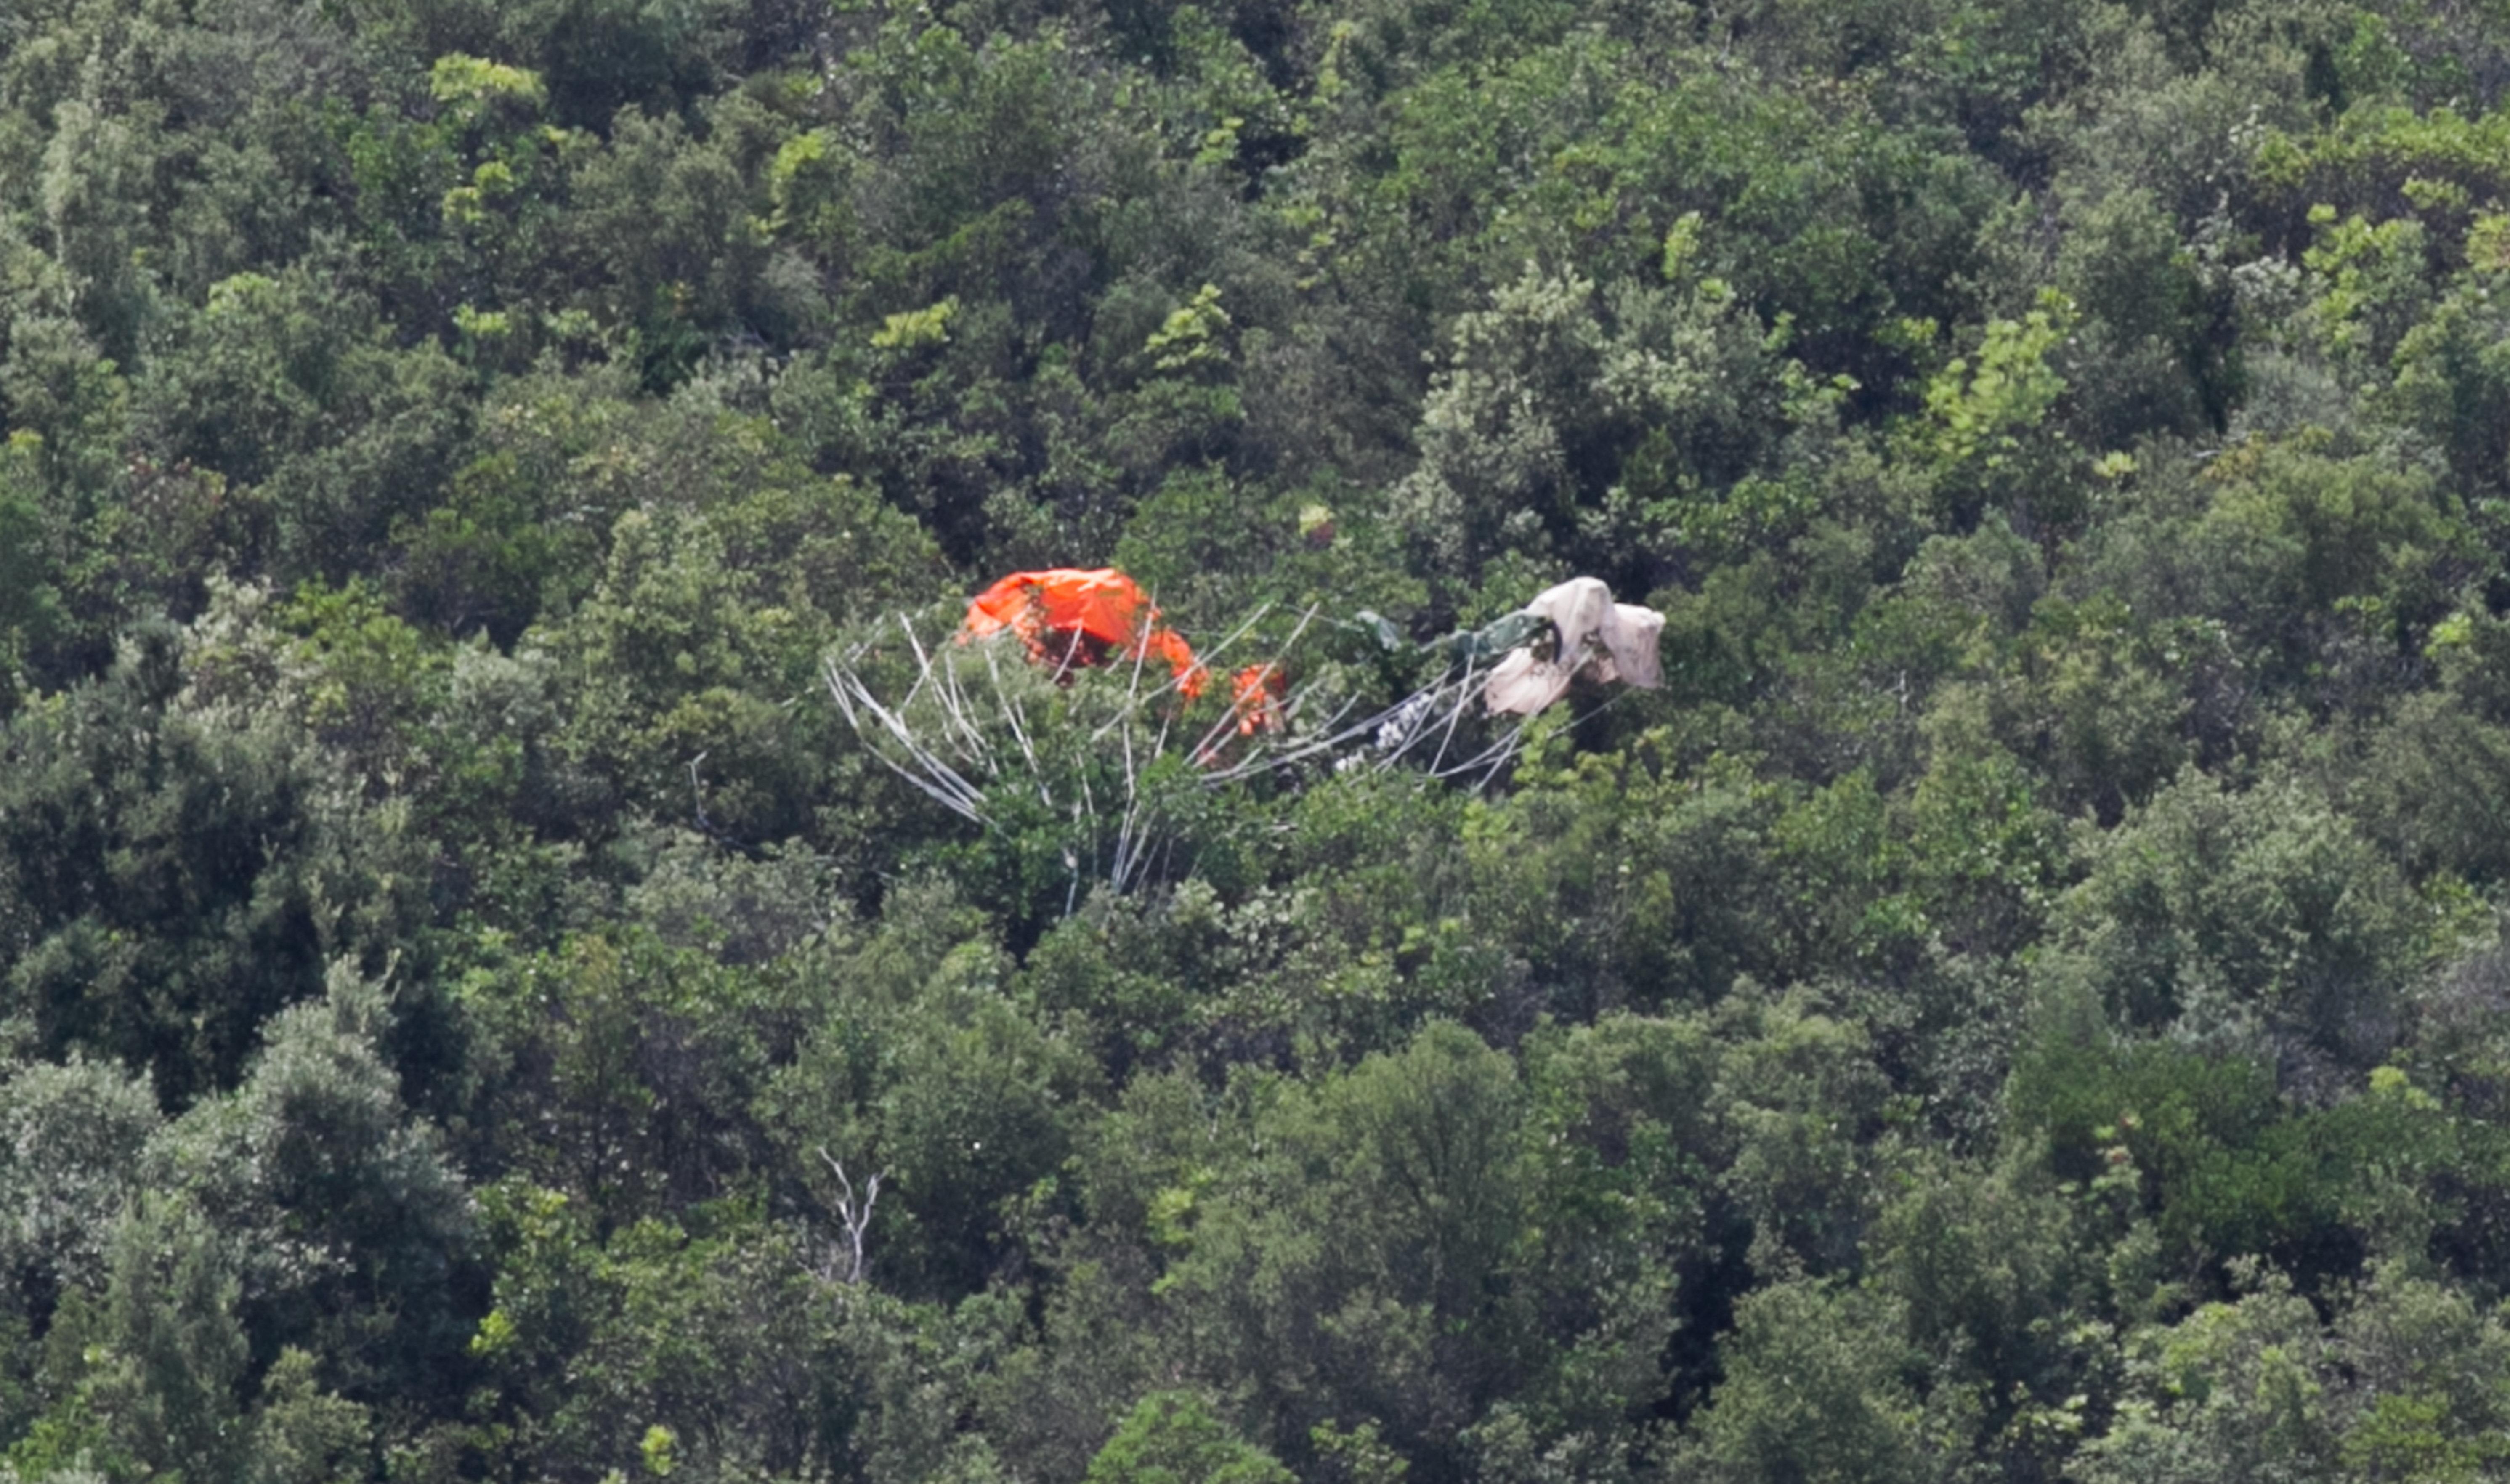 Νεκρός βρέθηκε ο κυβερνήτης του αεροσκάφους της Π.Α. που κατέπεσε στην Λακωνία, σώος ο